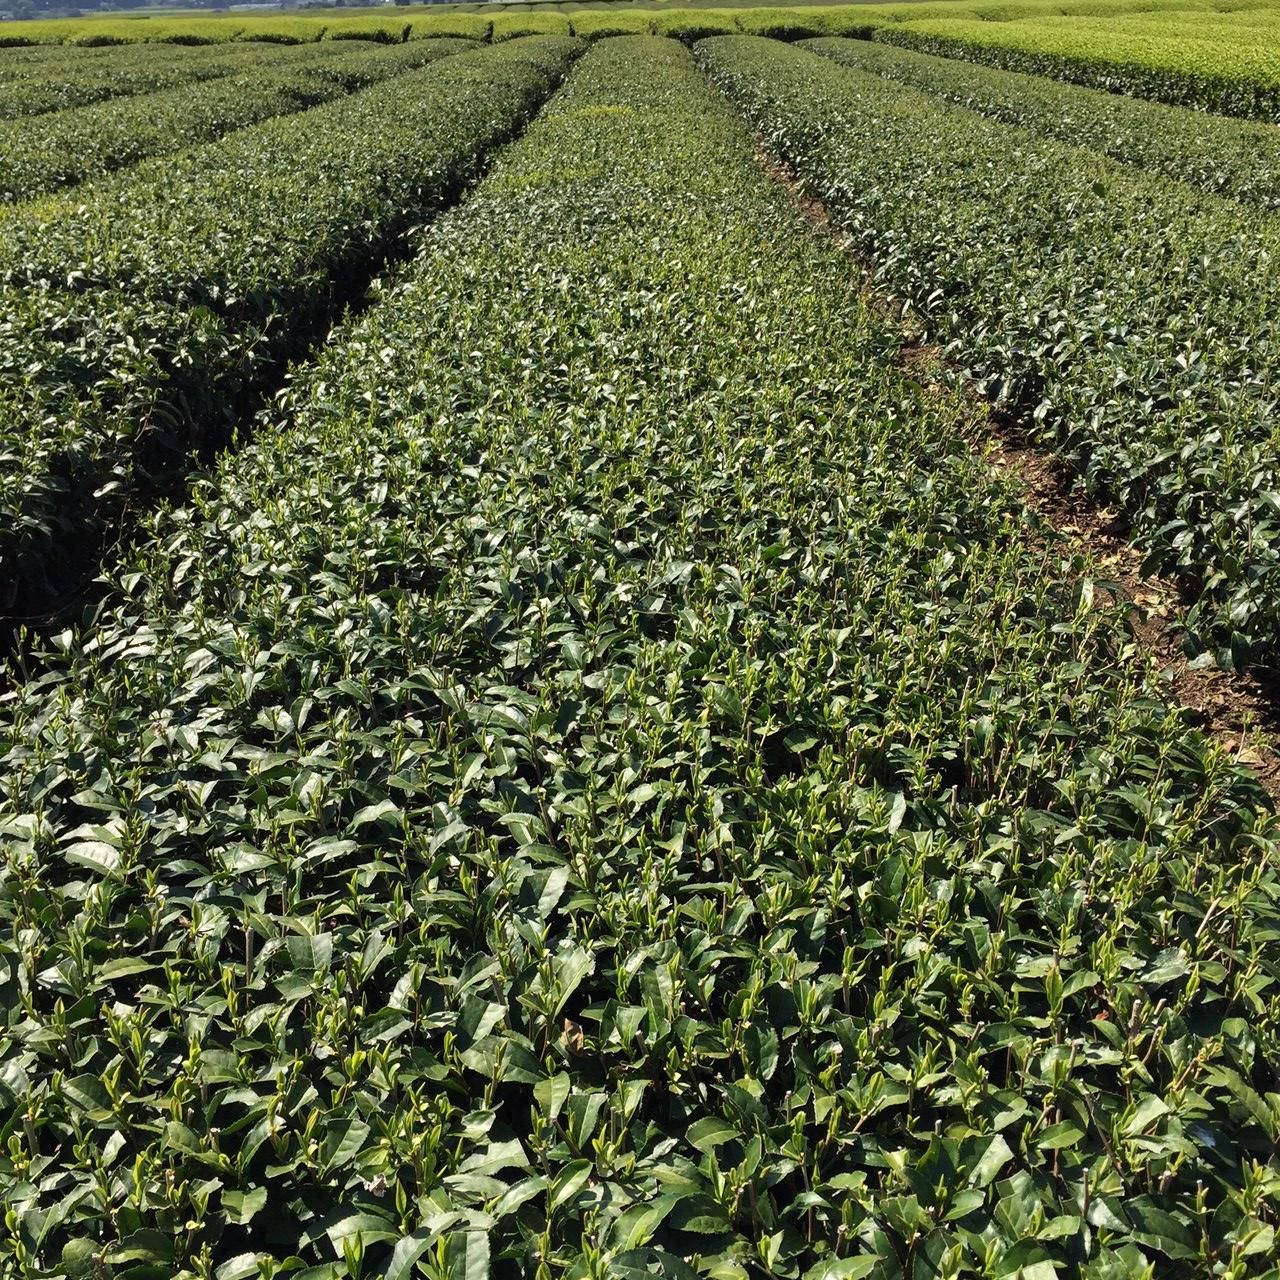 2017年4月14日かごしま緑茶の茶園風景です。品種はヤブキタです。小さな新芽が顔を出しました。